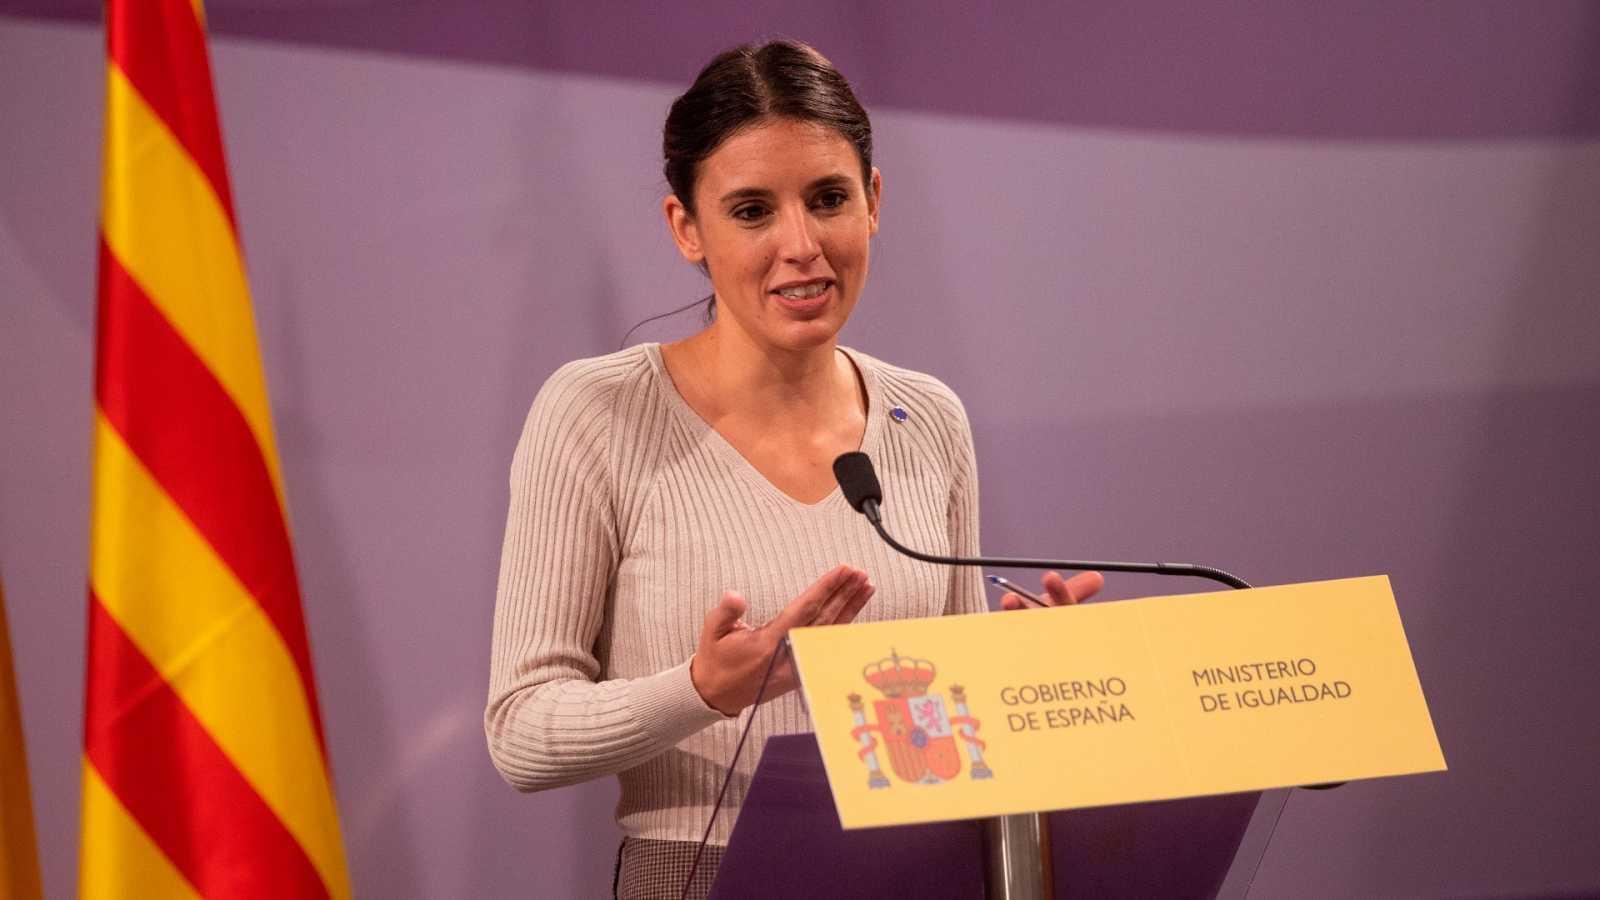 """España regulará la """"objeción de conciencia"""" de médicos que se nieguen a practicar abortos para permitir el libre acceso al procedimiento"""